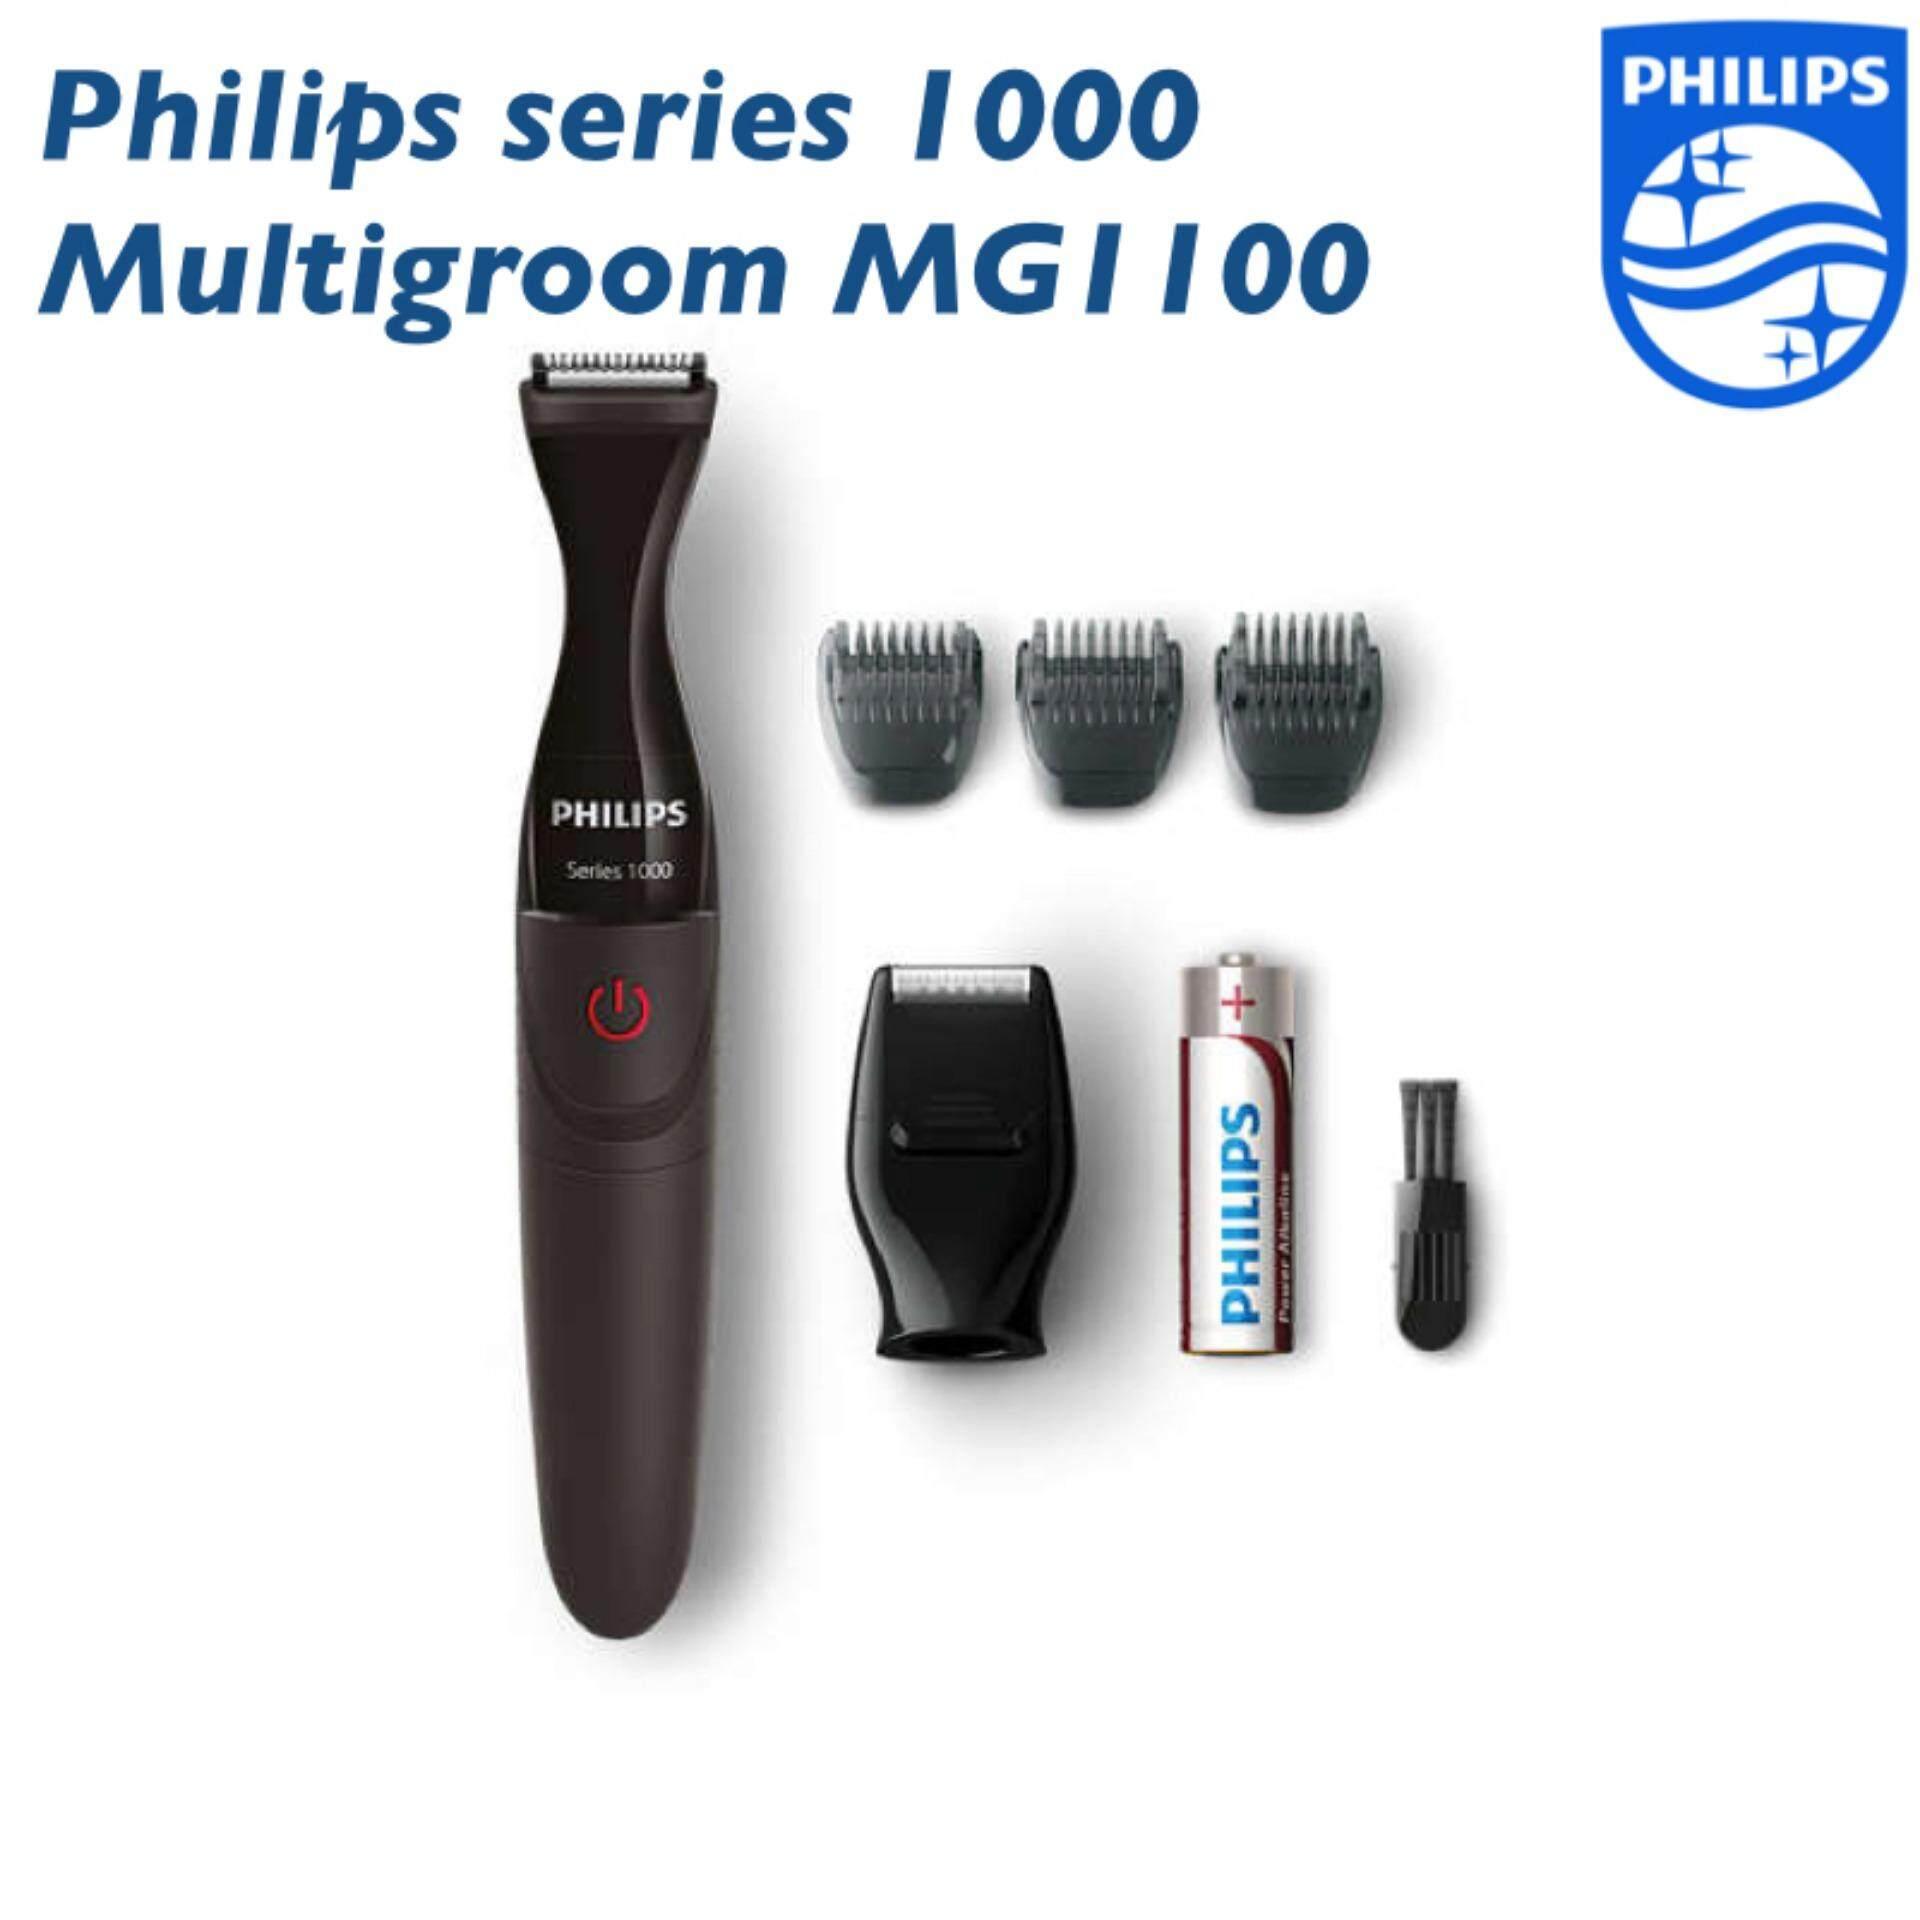 Philips series 1000 4-in-1 Multigroom MG1100